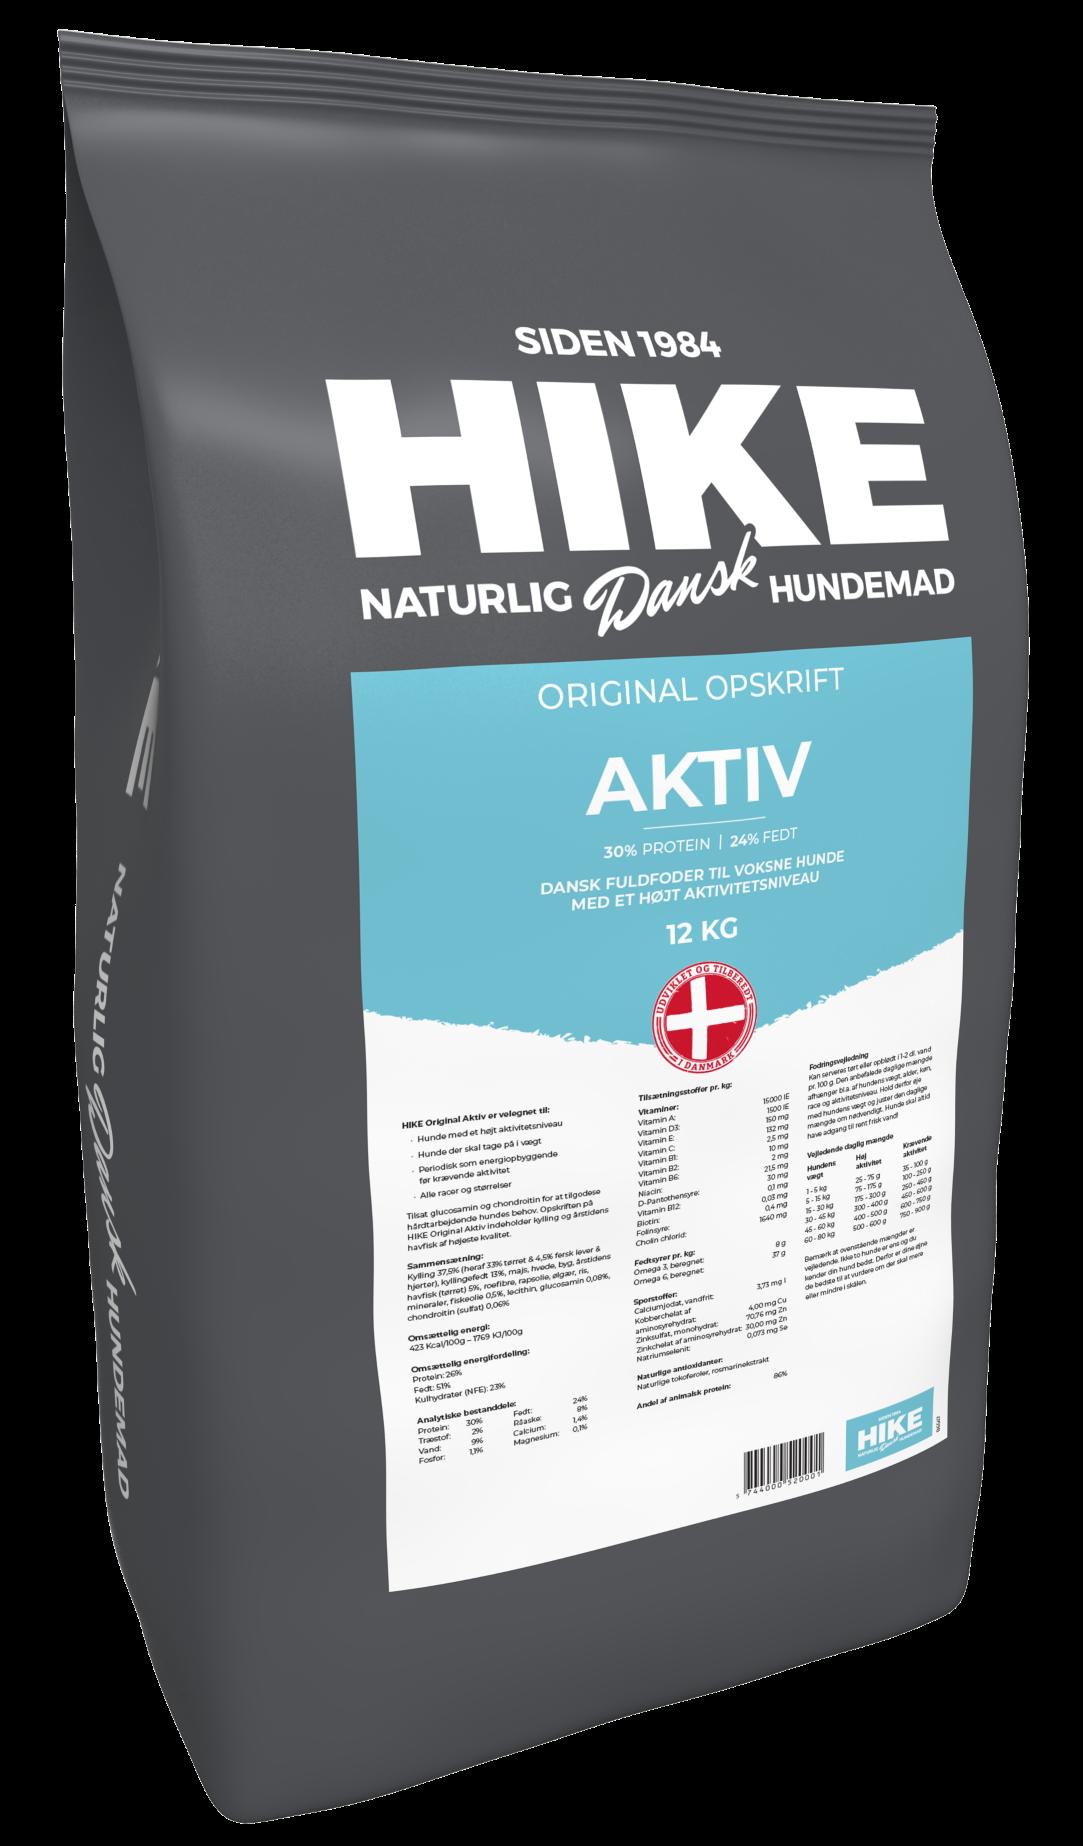 HIKE ORIGINAL Active 30/24 hundemad 12 kg